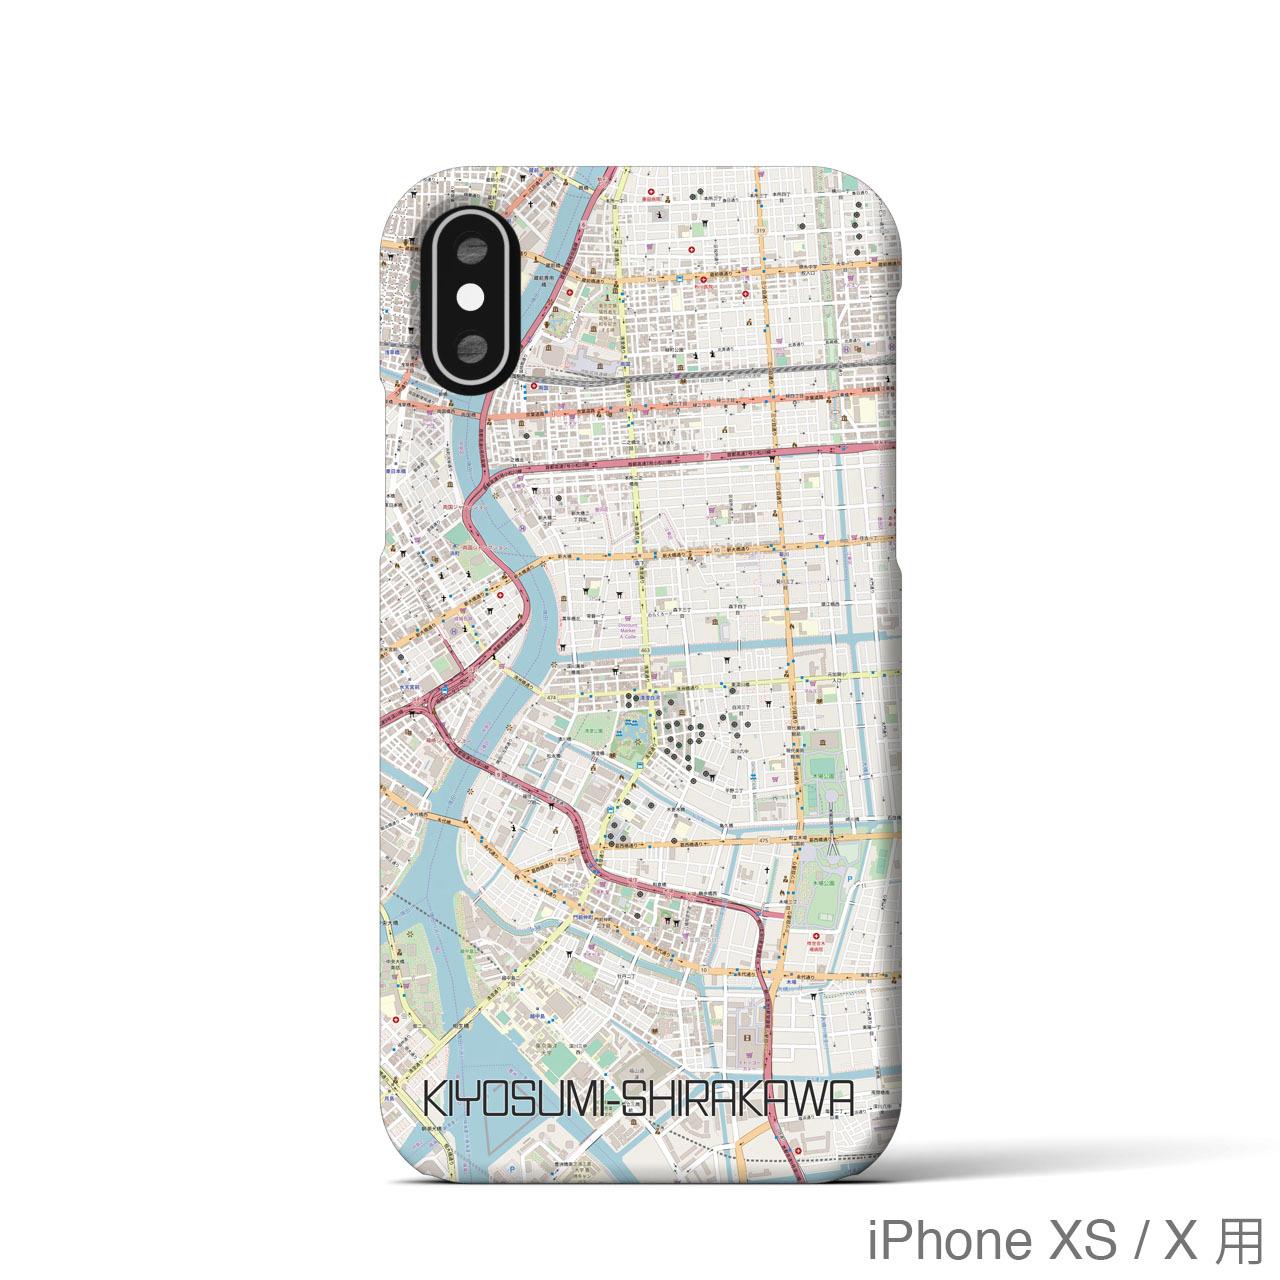 【清澄白河】地図柄iPhoneケース(バックカバータイプ・ナチュラル)